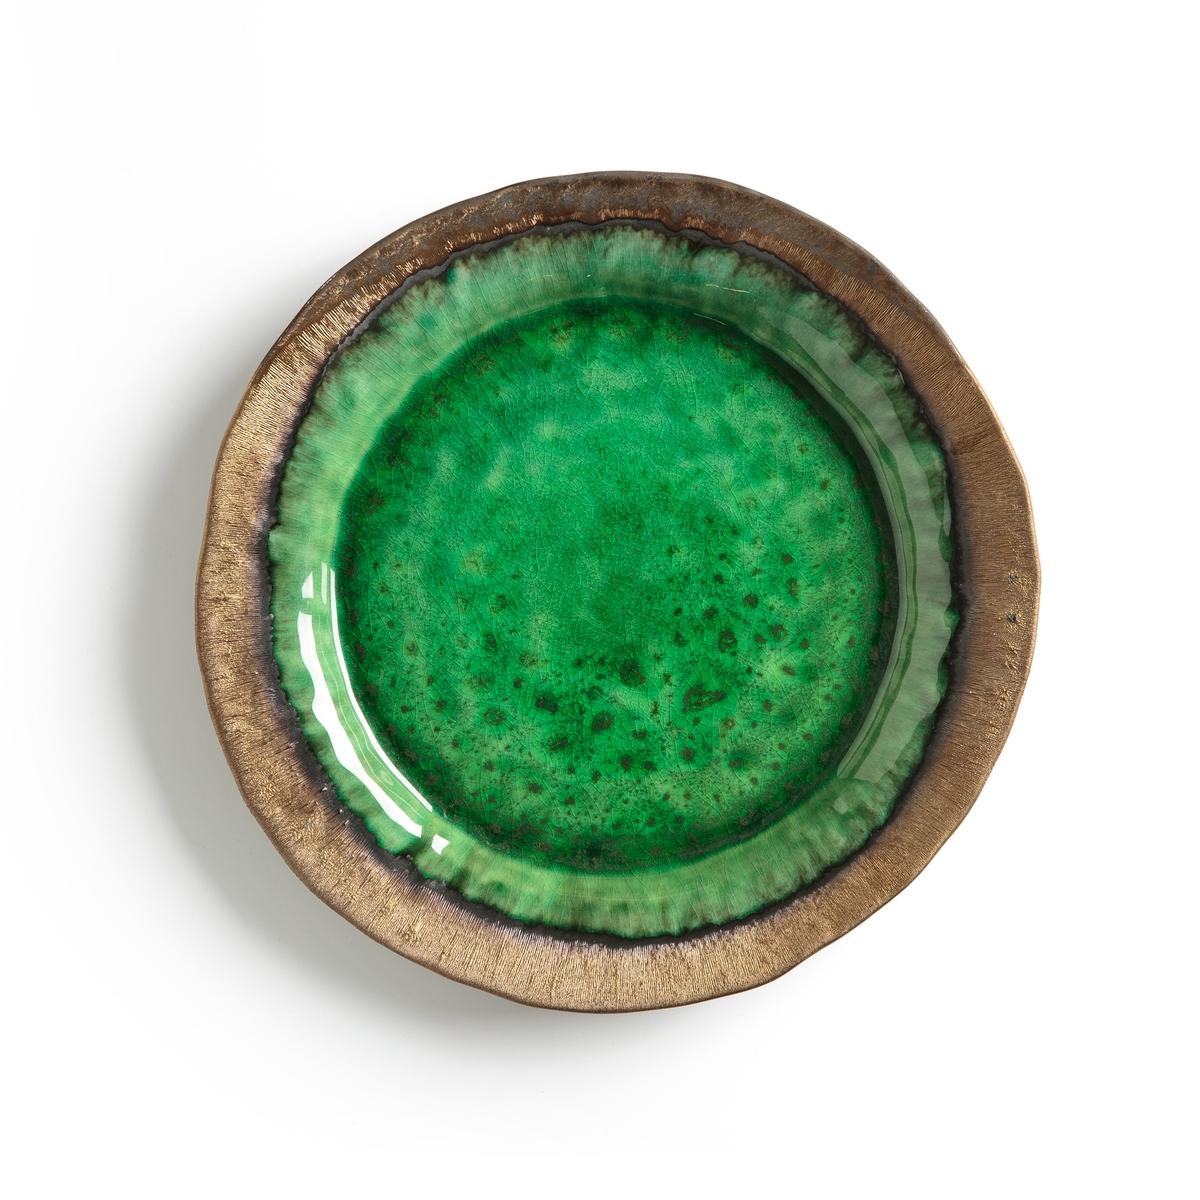 Тарелка мелкая из глазурованной керамики, Altadill